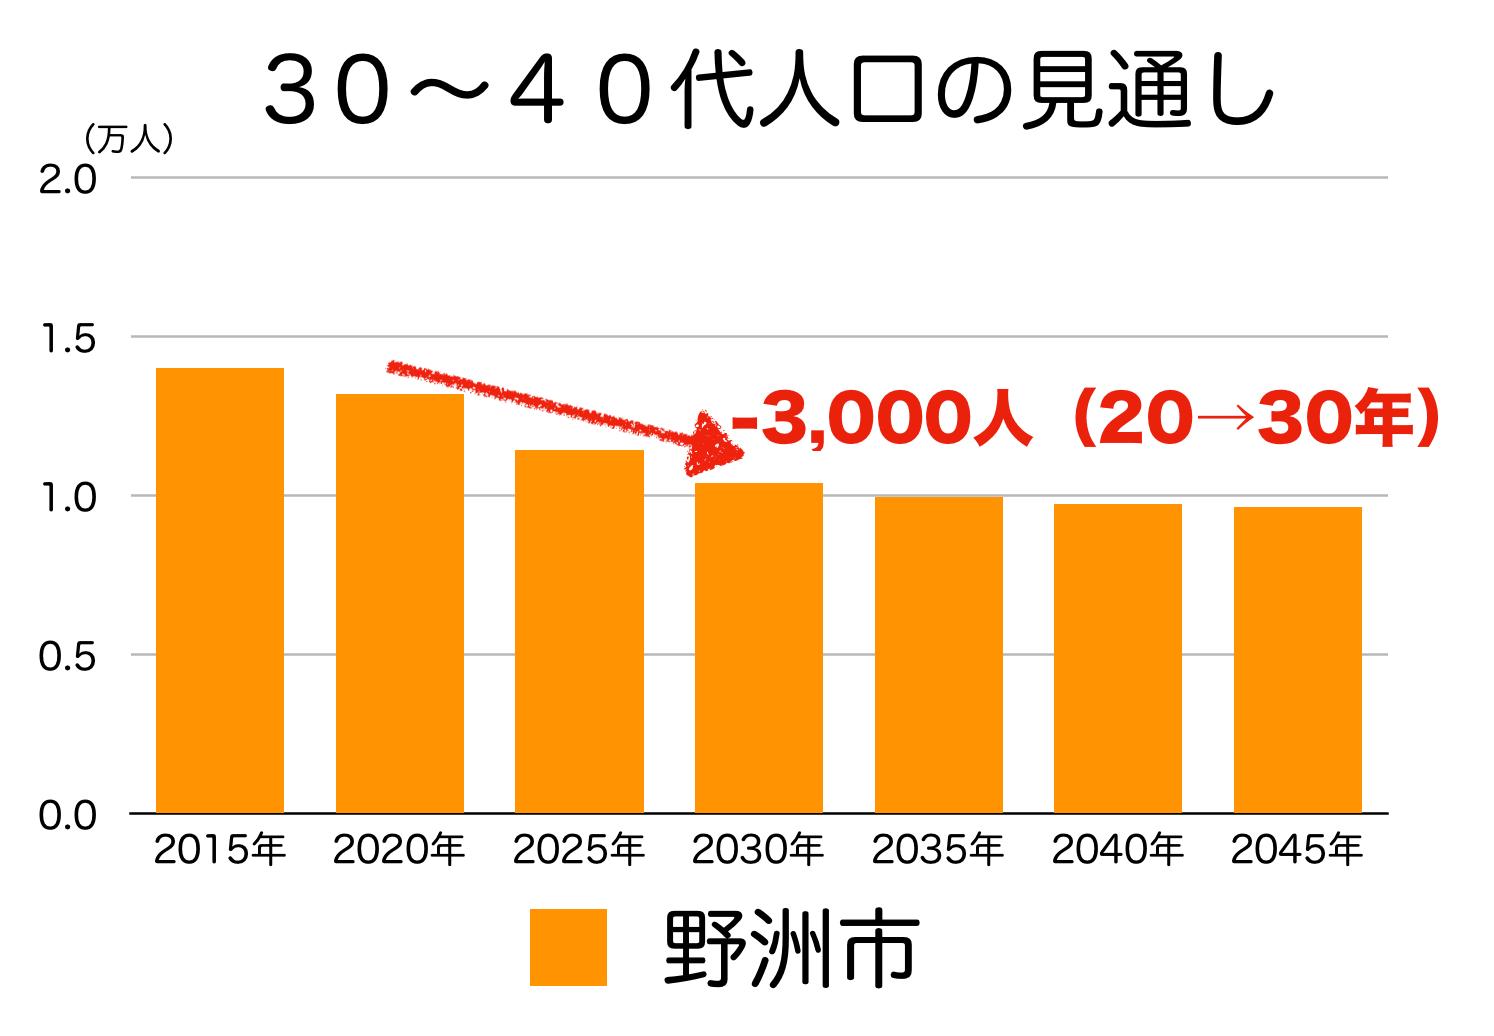 野洲市の30〜40代人口の予測